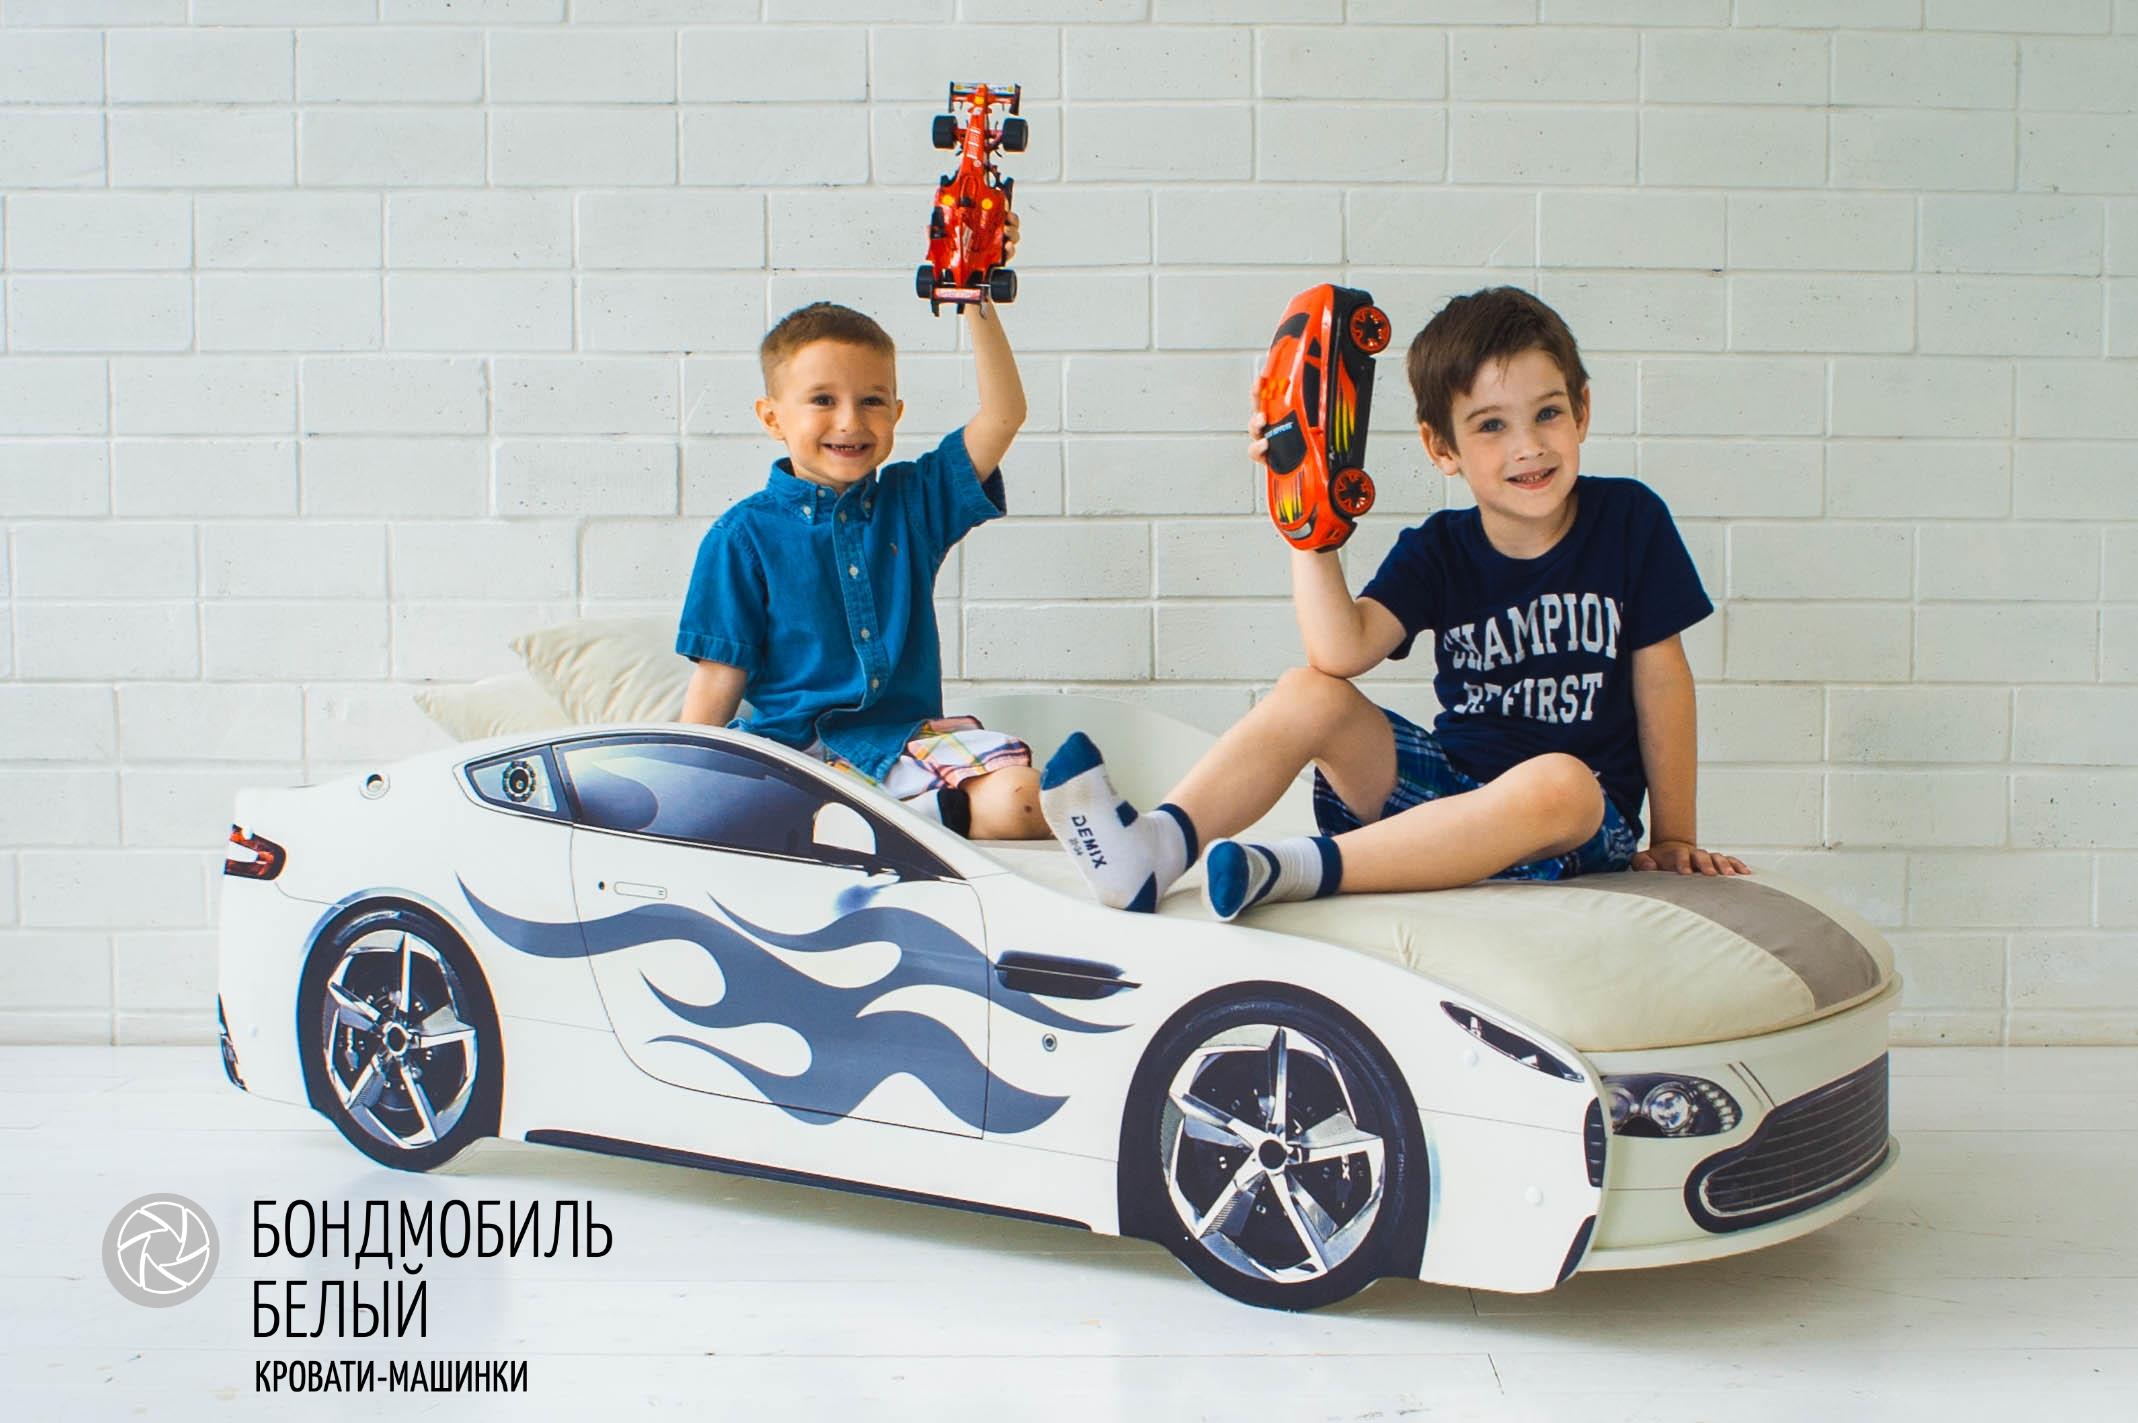 Детская кровать-машина белый -Бондмобиль-6